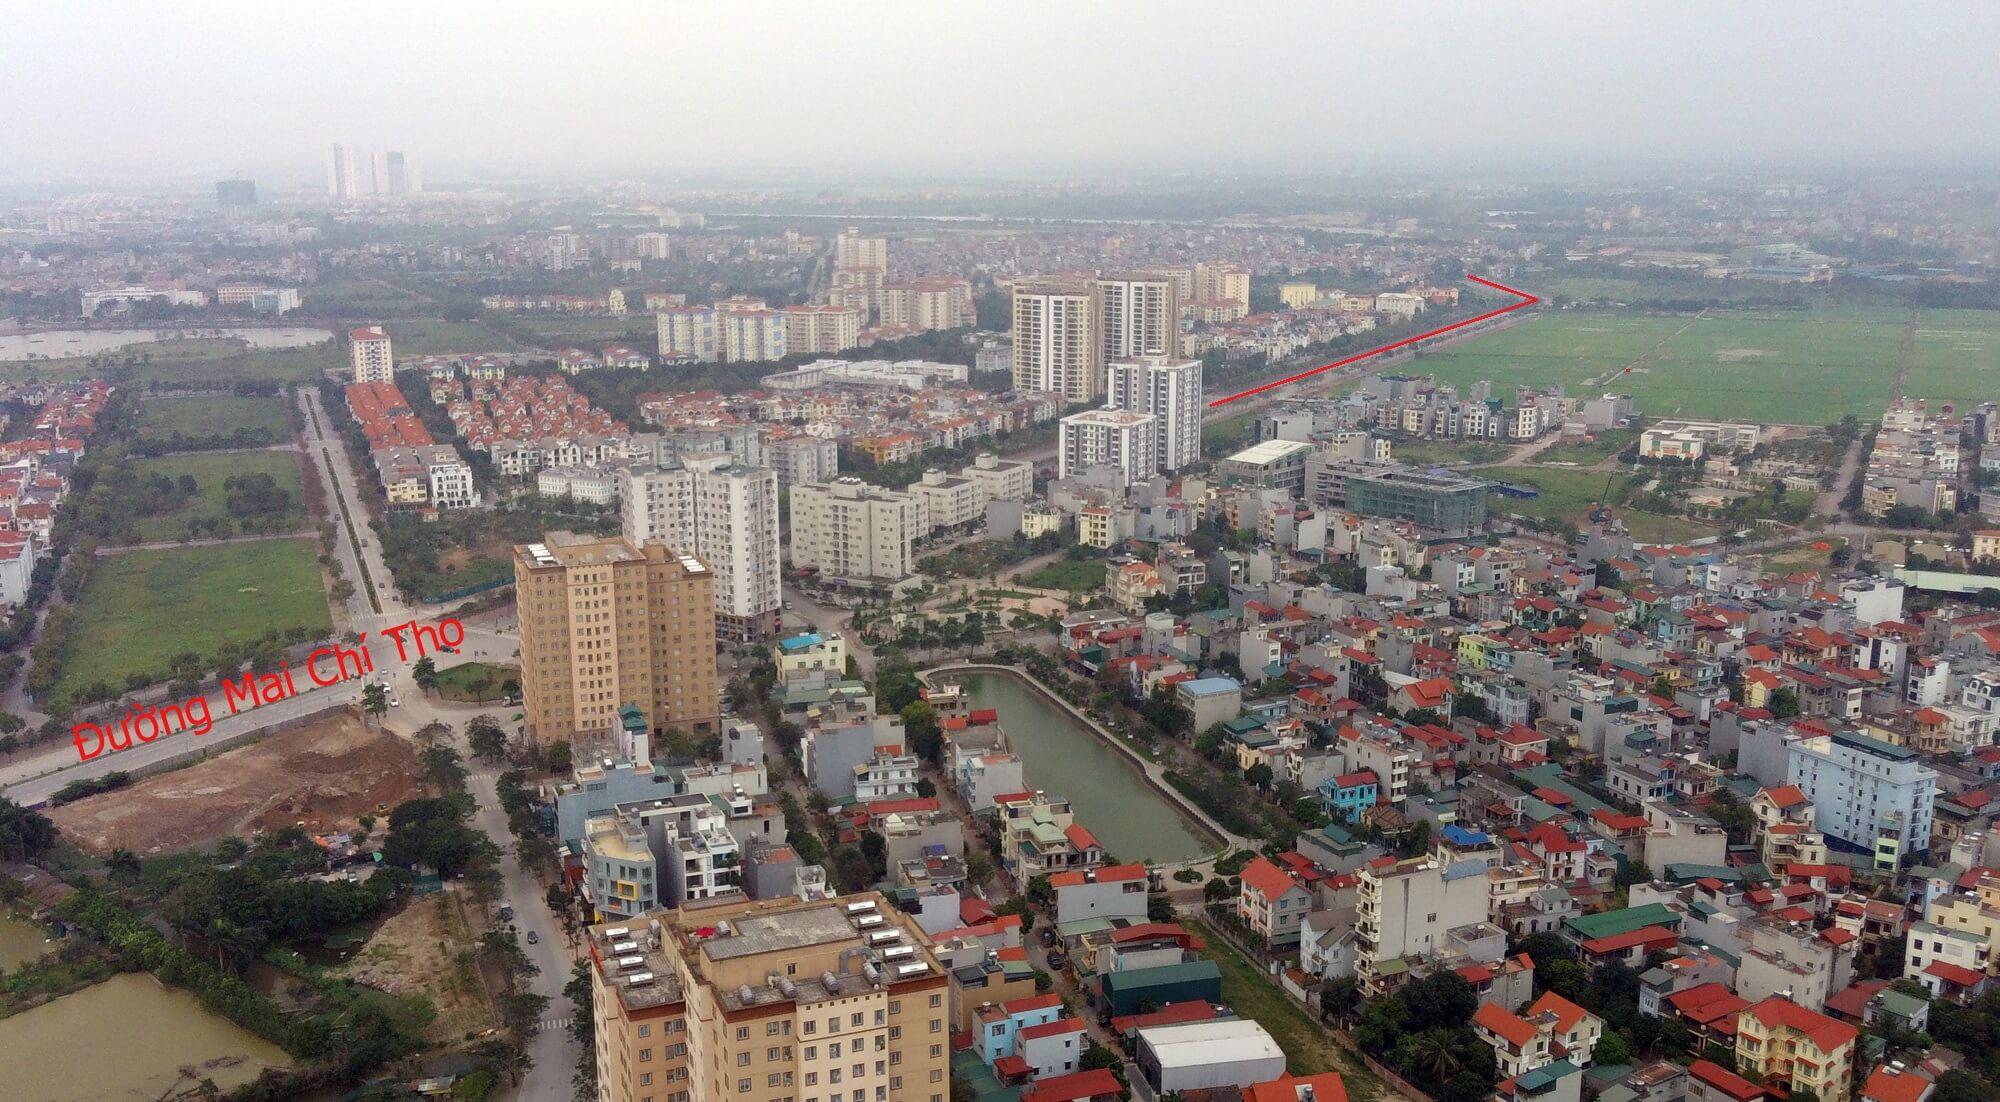 Hình ảnh đường Mai Chí Thọ.